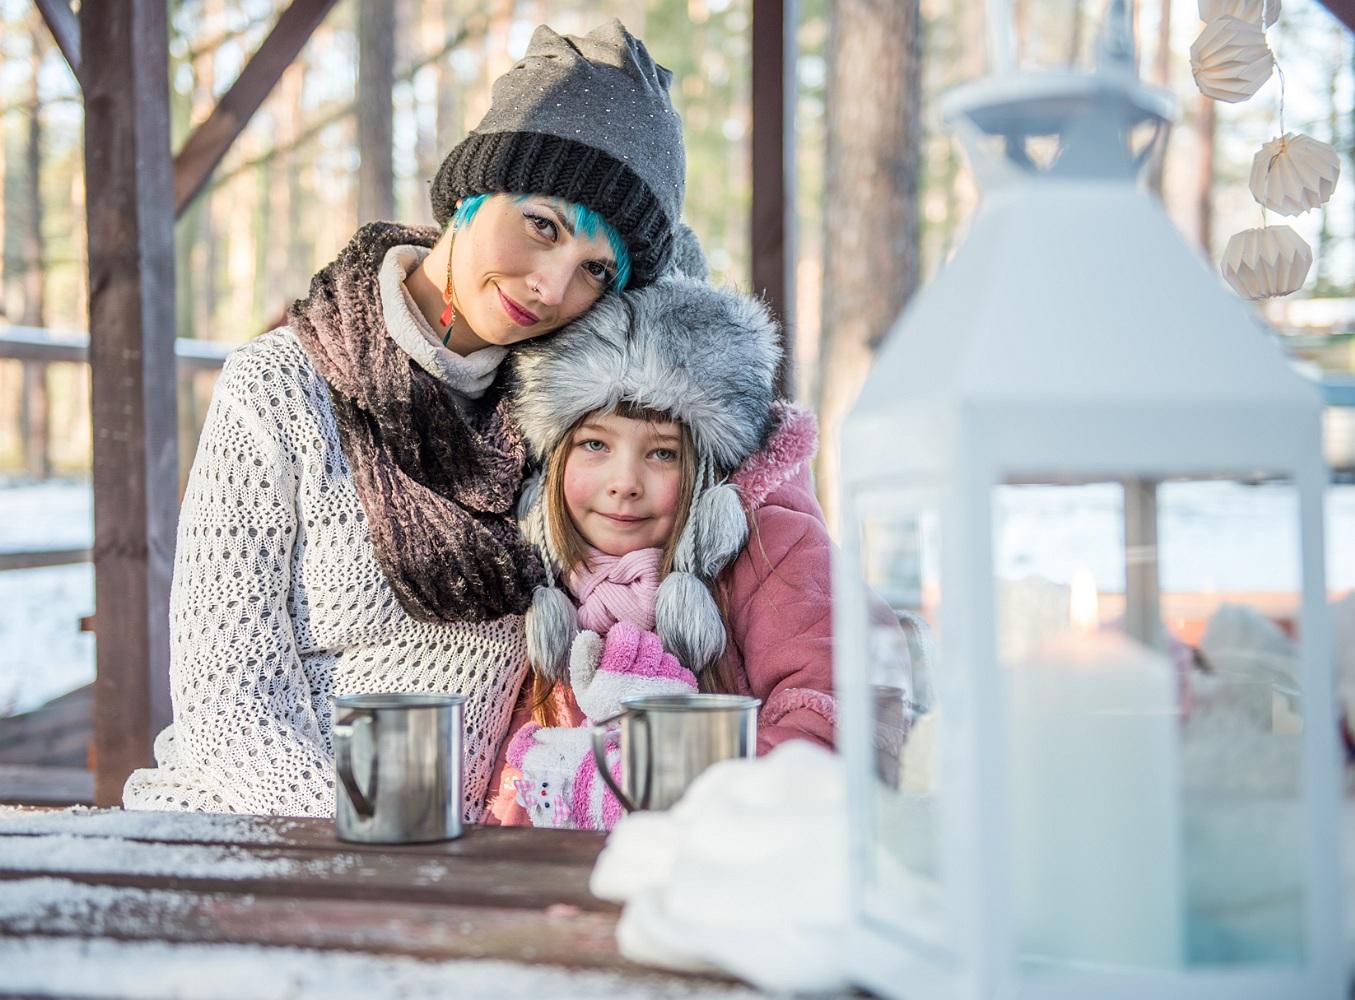 Zdjęcie portretowe w lesie